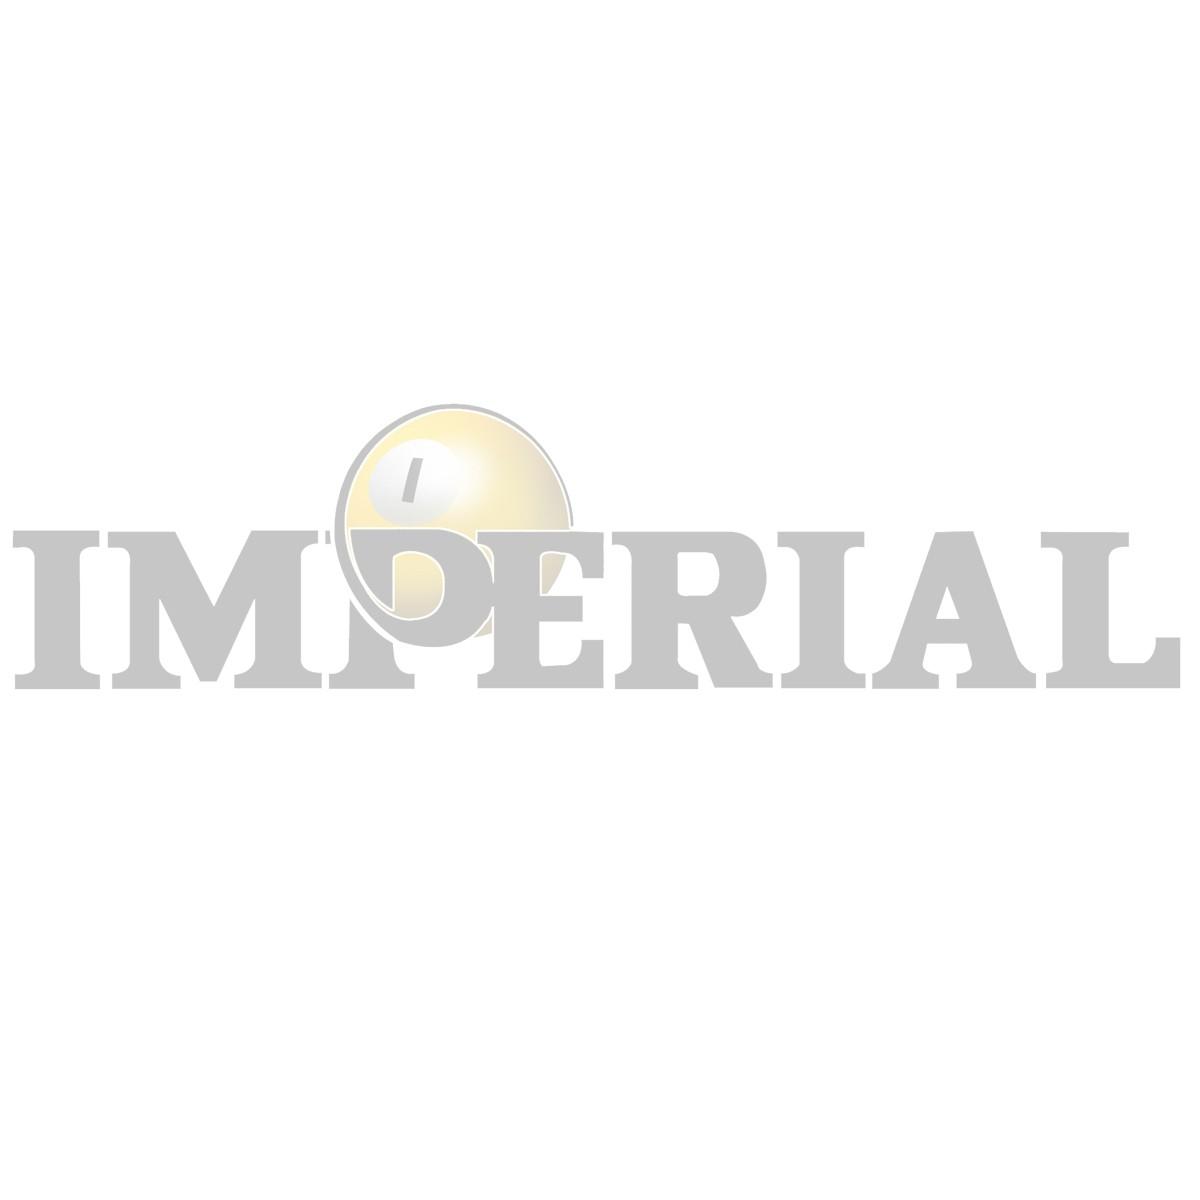 Tennessee Titans 8-foot Billiard Cloth